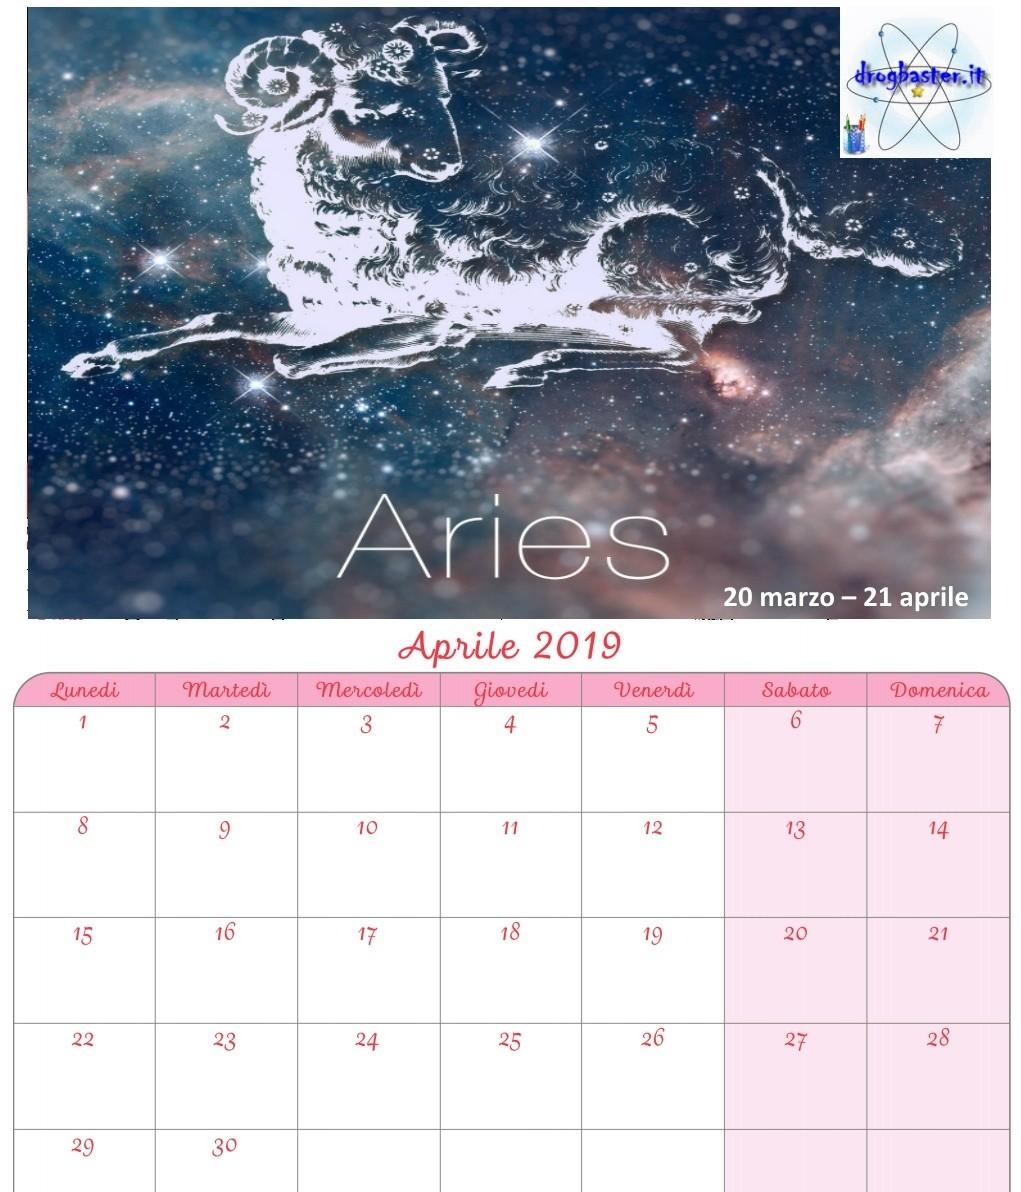 Calendario Segni.Calendario 2019 Con I Segni Zodiacali